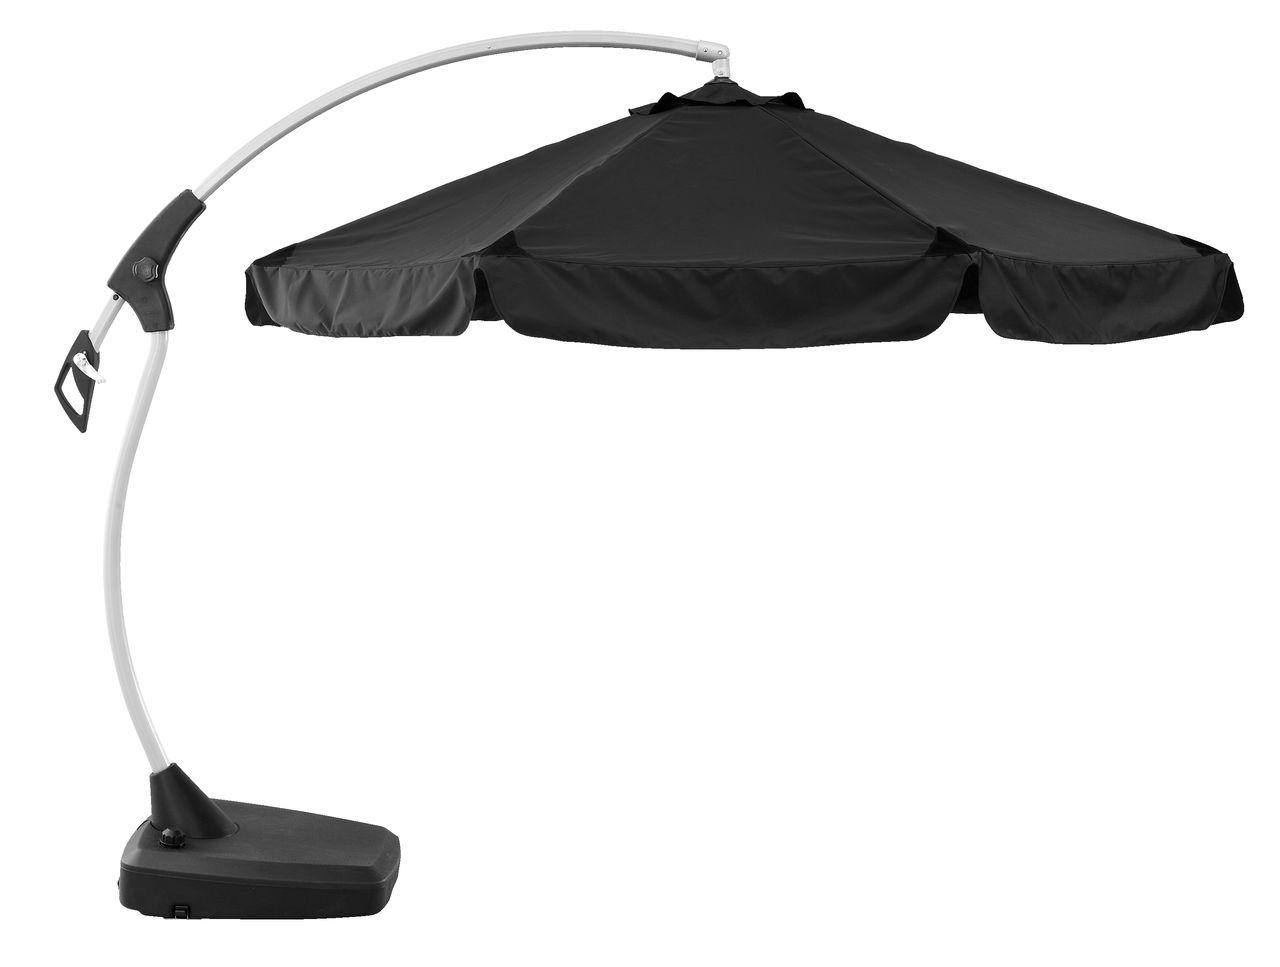 hængeparasol Hængeparasol HAUGESUND Ø300 sort | JYSK hængeparasol